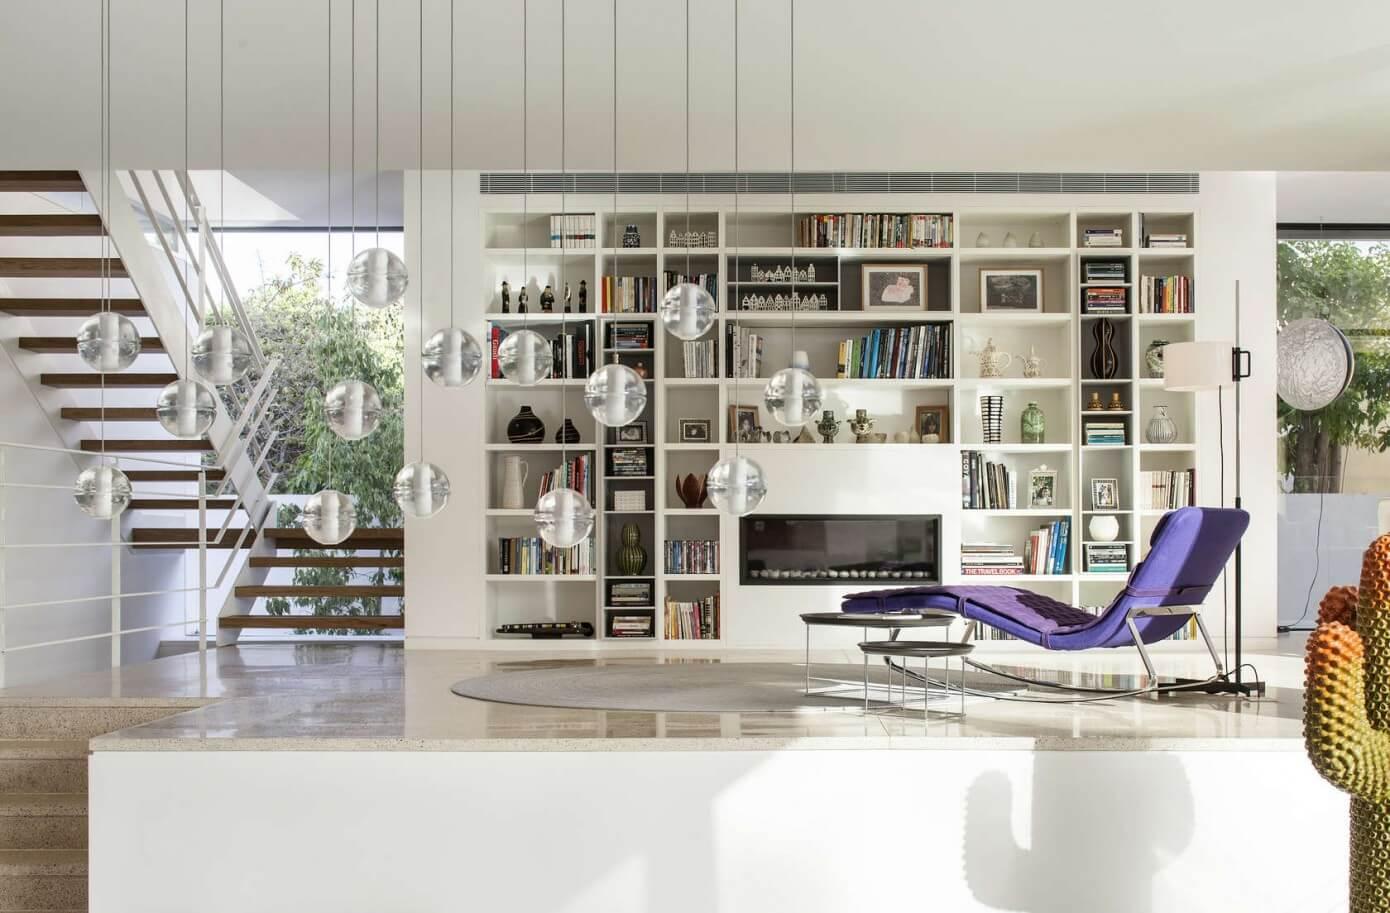 006 mediterranean villa pazgersh architecture design for Mediterranean villa architecture